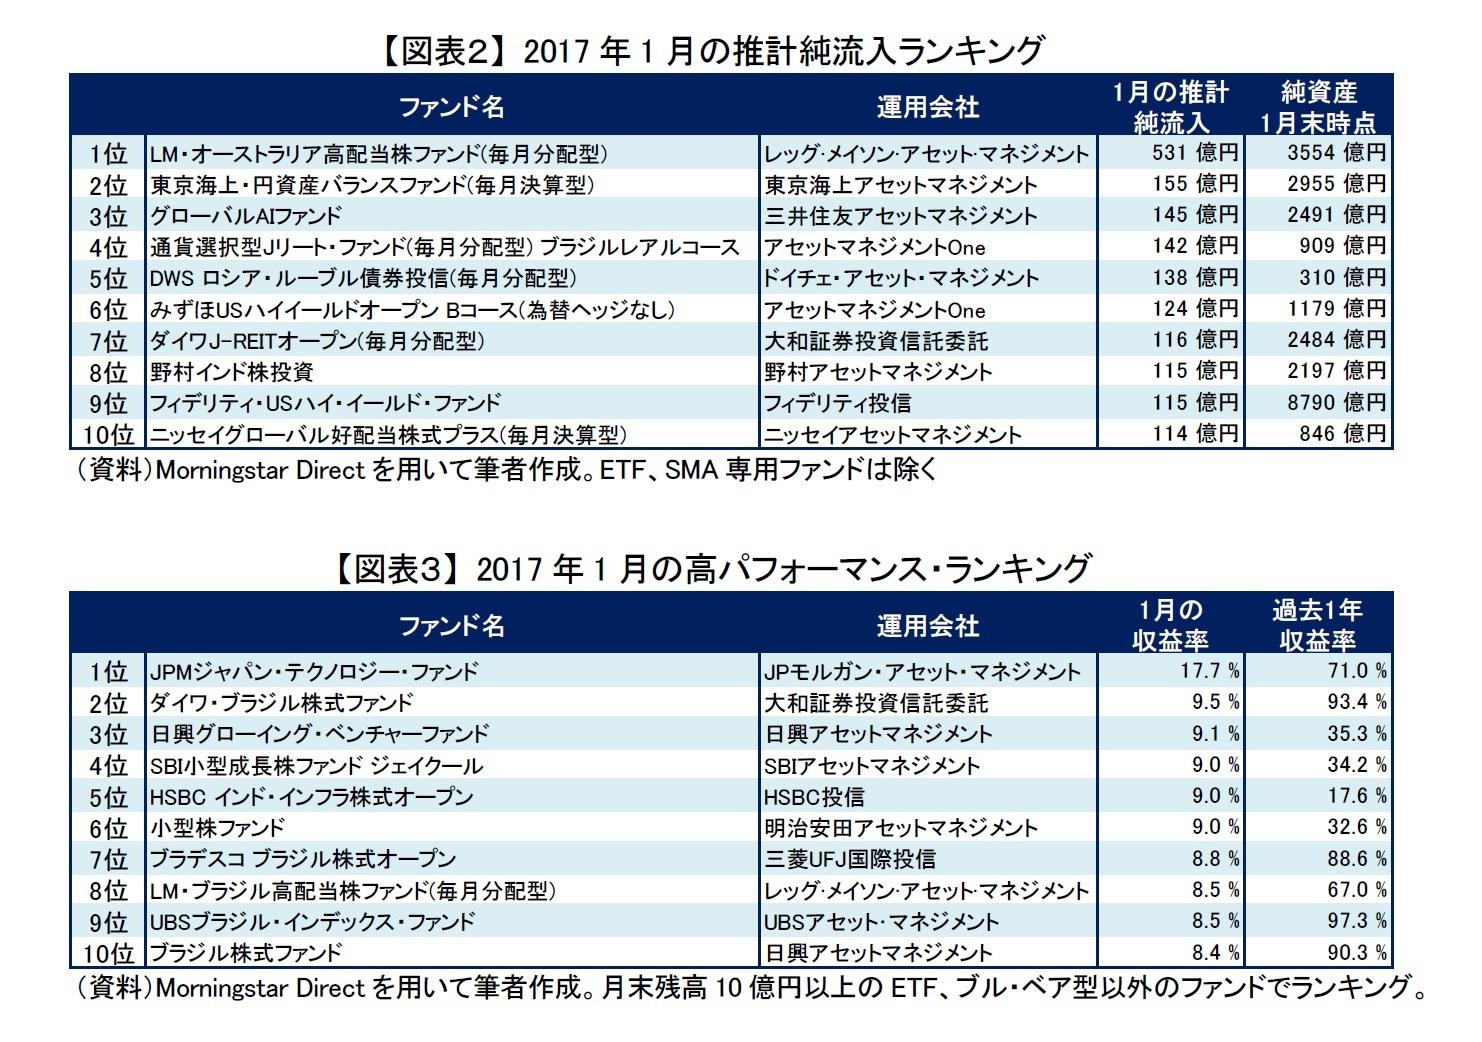 【図表2】 2017年1月の推計純流入ランキング/【図表3】 2017年1月の高パフォーマンス・ランキング